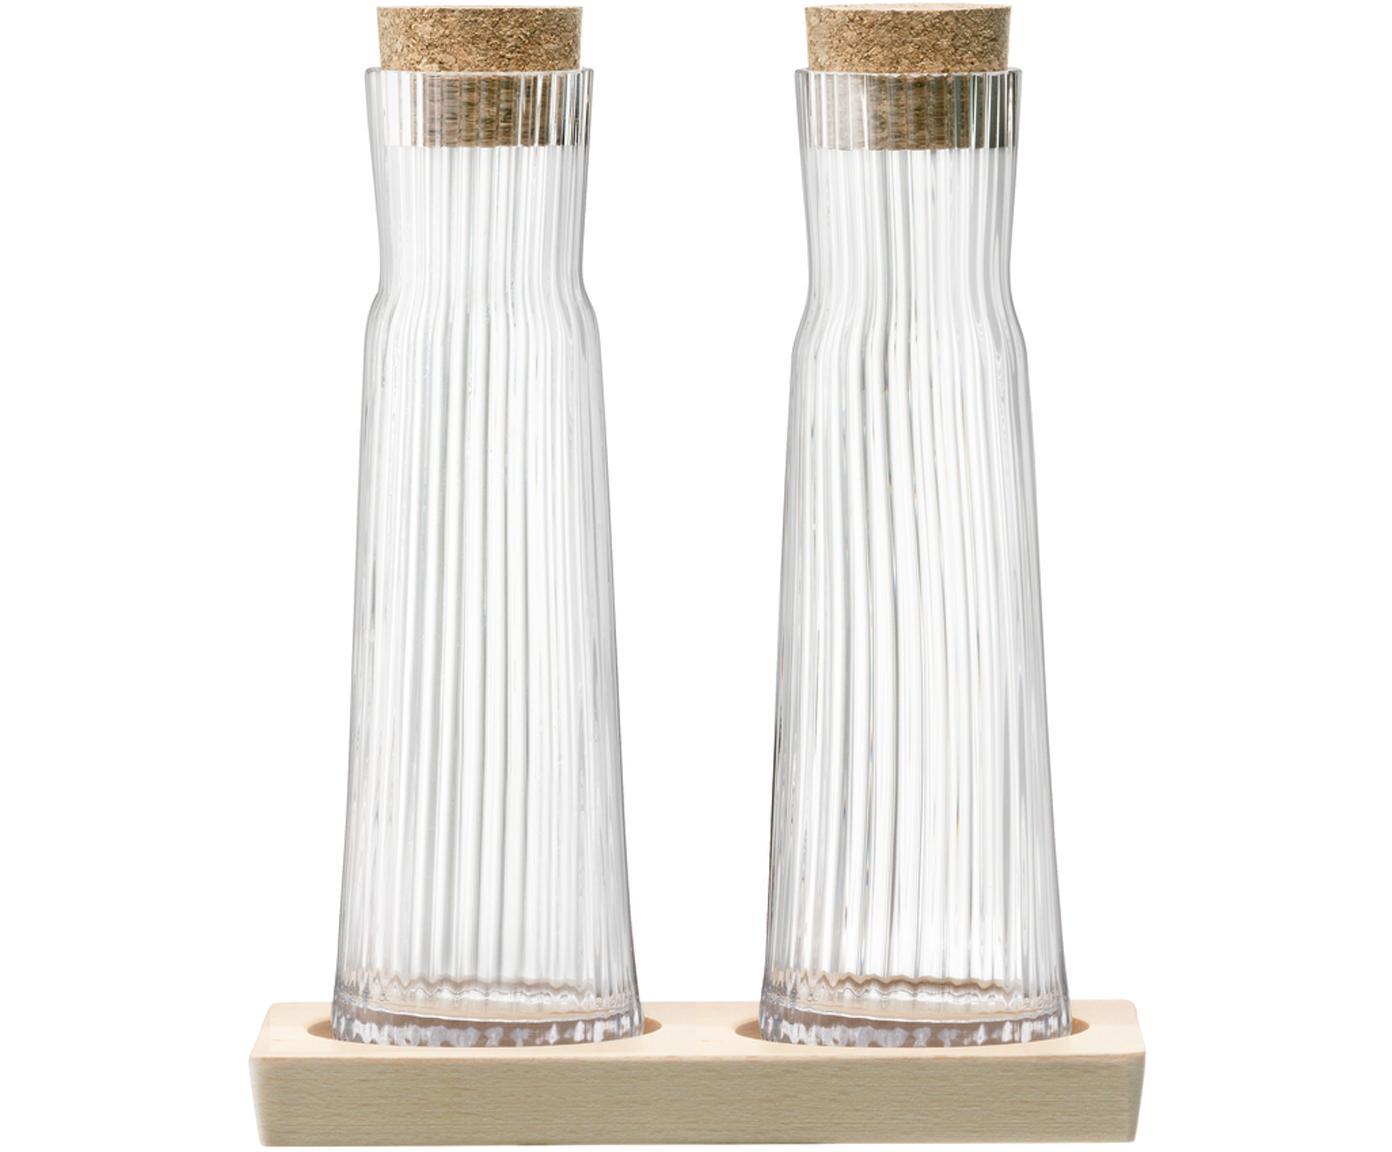 Azijn- en oliedispenserset Gio Line met groefreliëf, 3-delig, Sluiting: kurk, Dienblad: beukenhout, Transparant, kurkkleurig, 16 x 20 cm